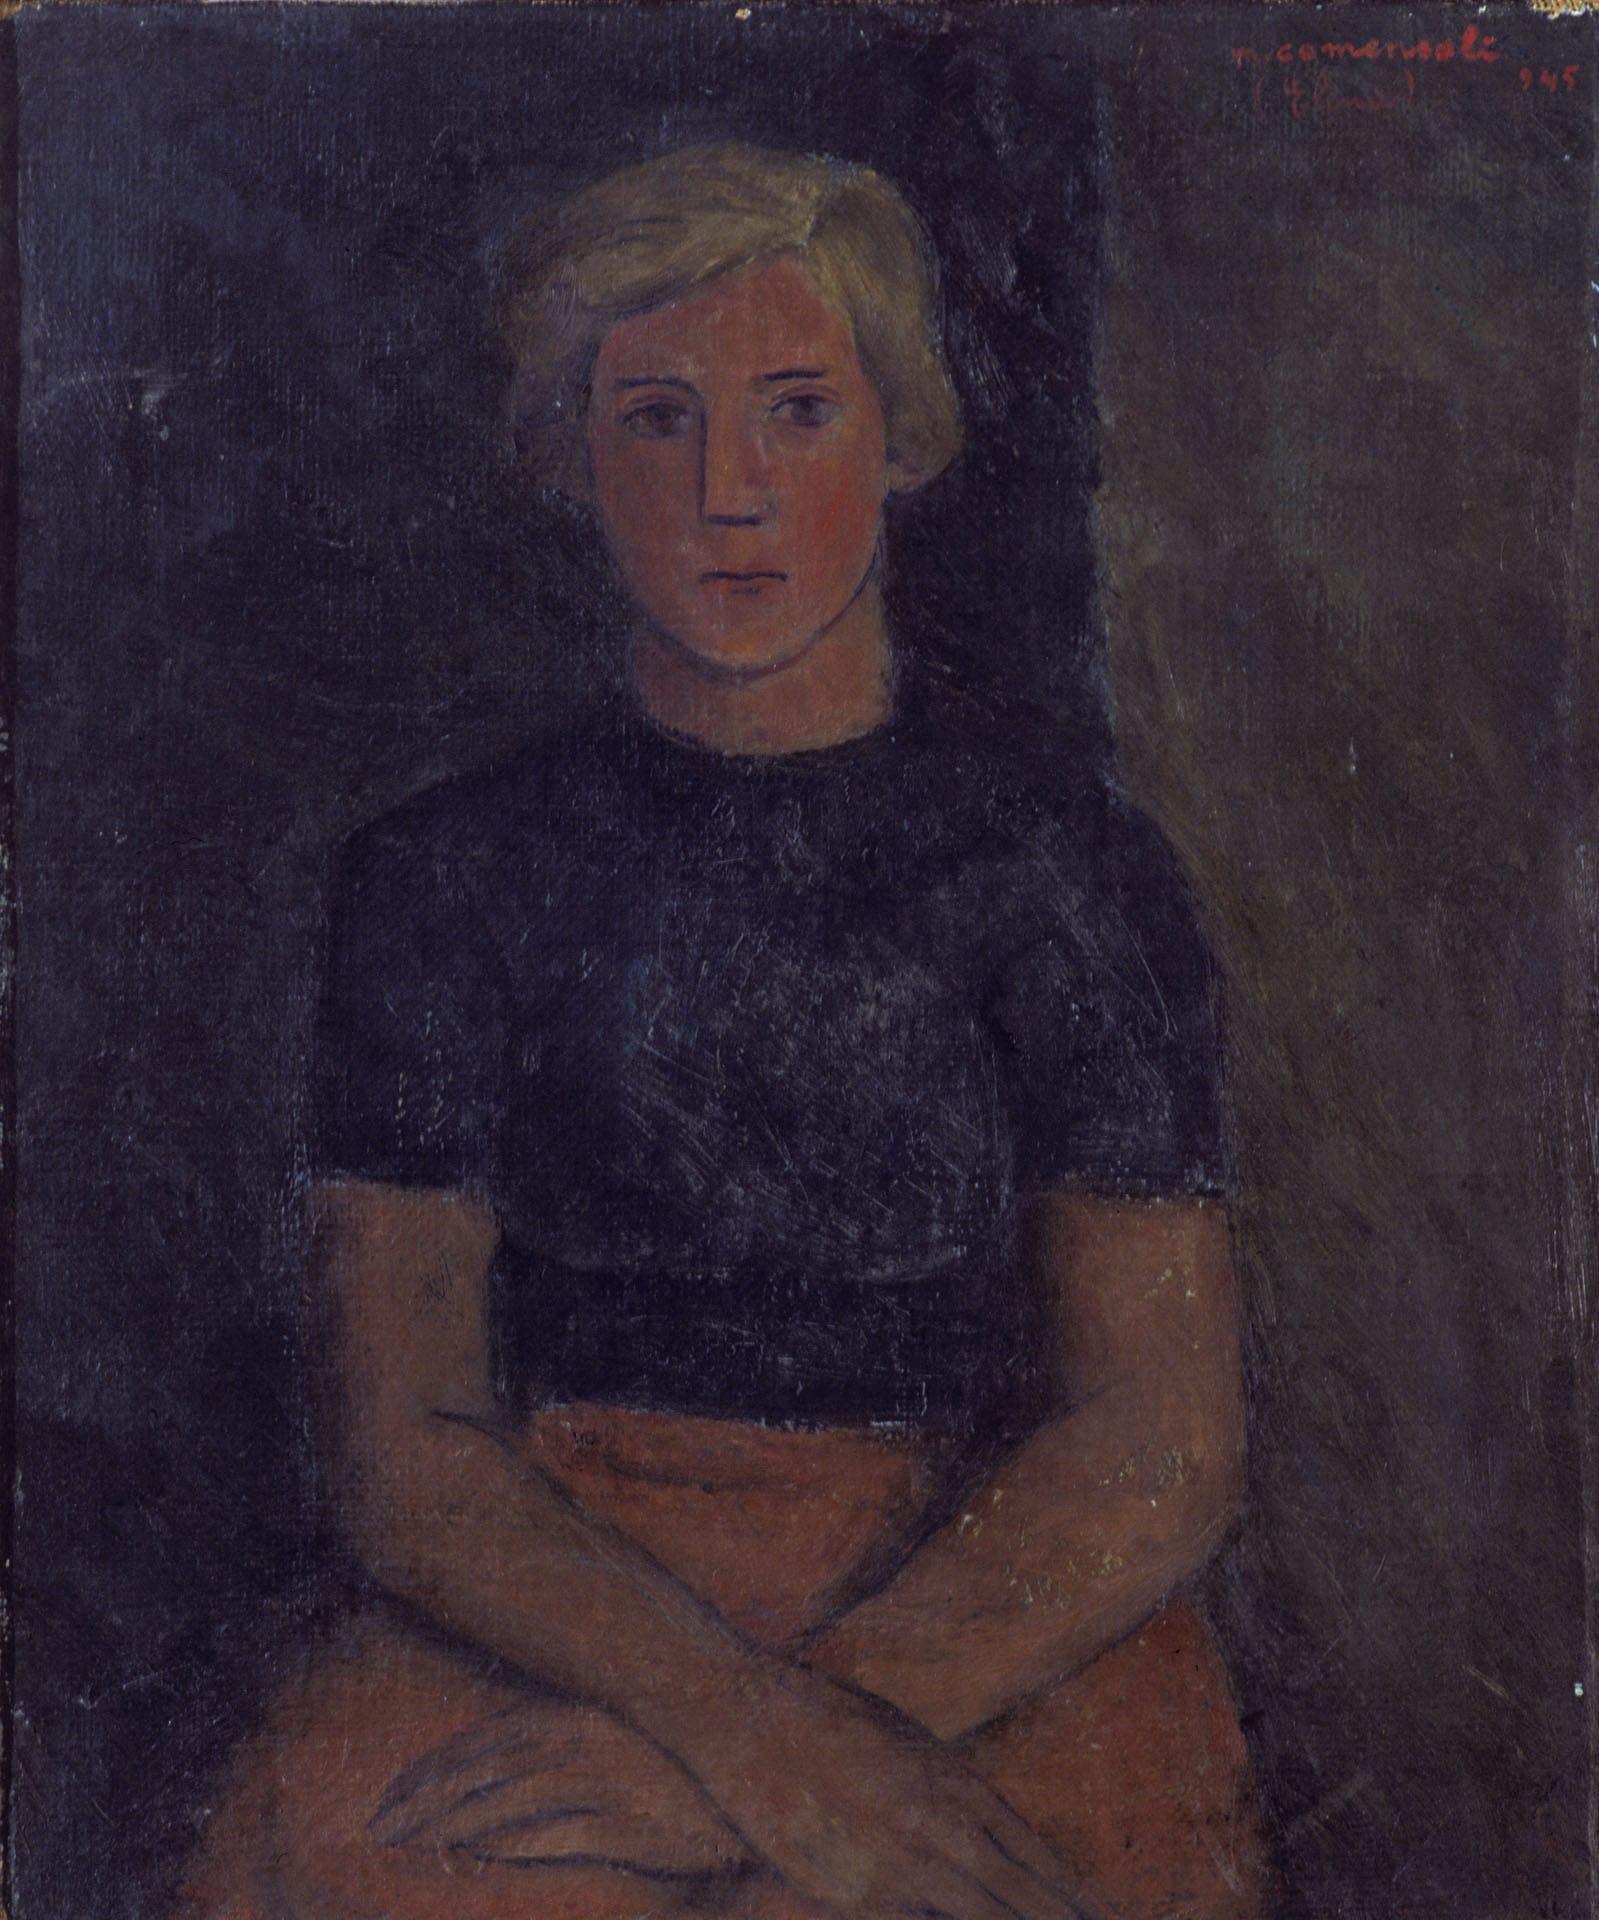 Elena Comensoli